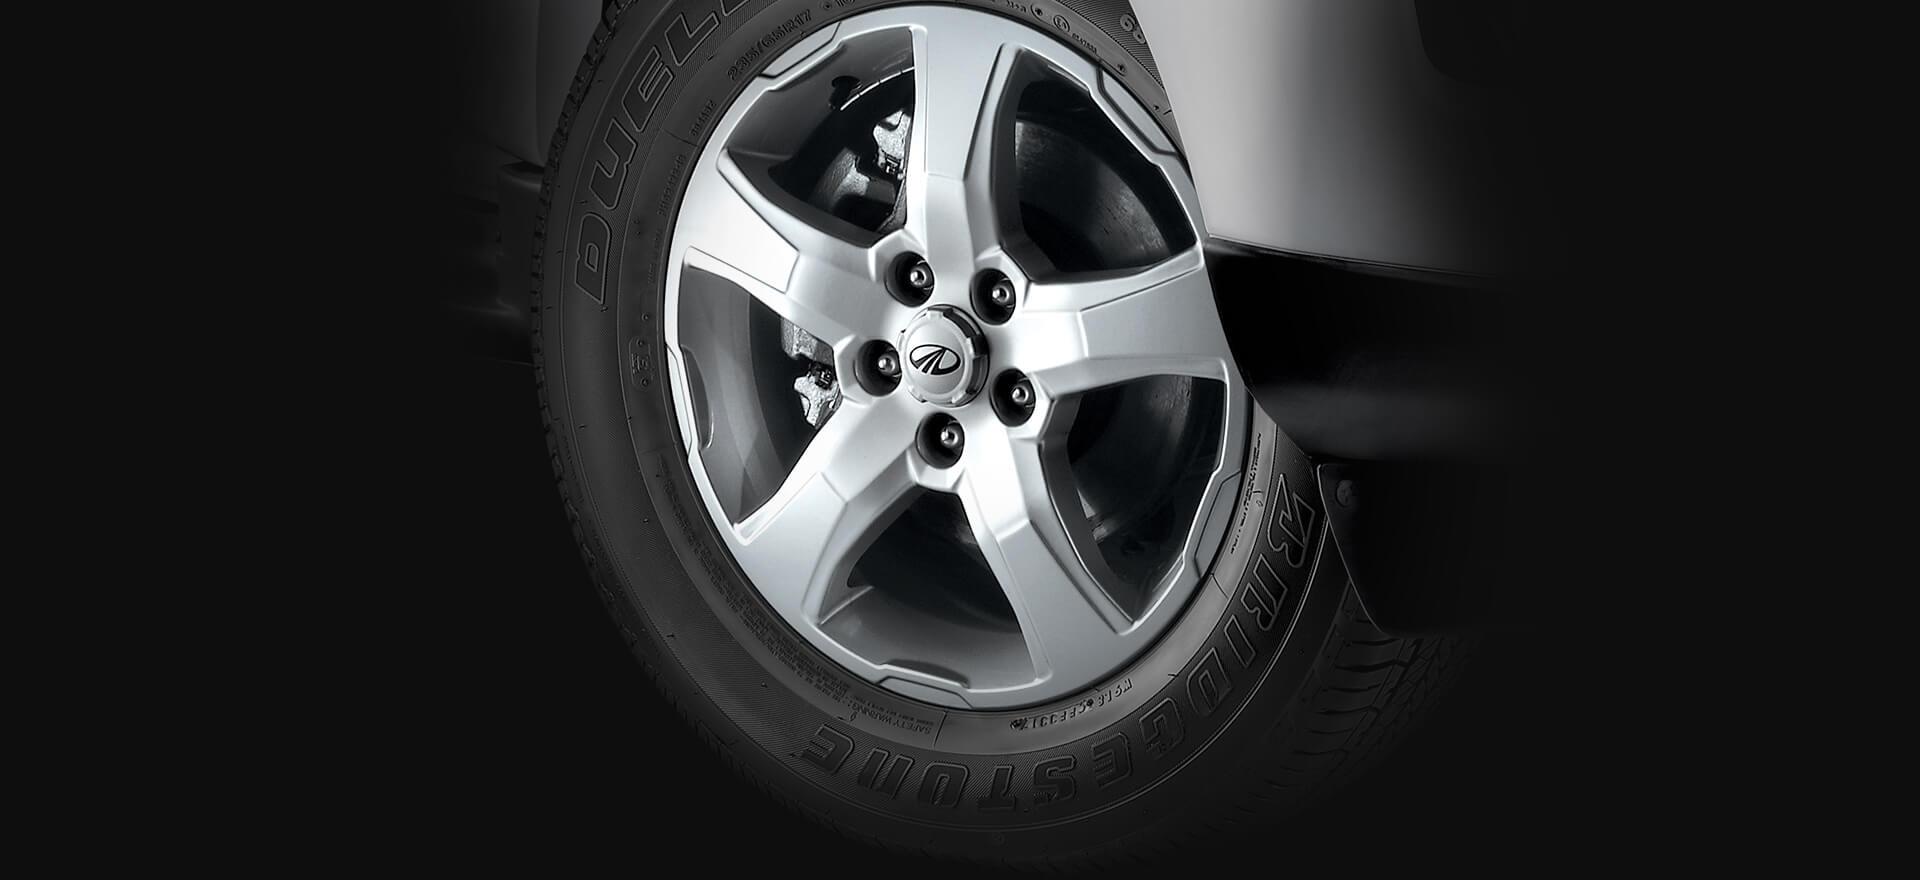 Mahindra Scorpio 2017 facelift alloy wheels